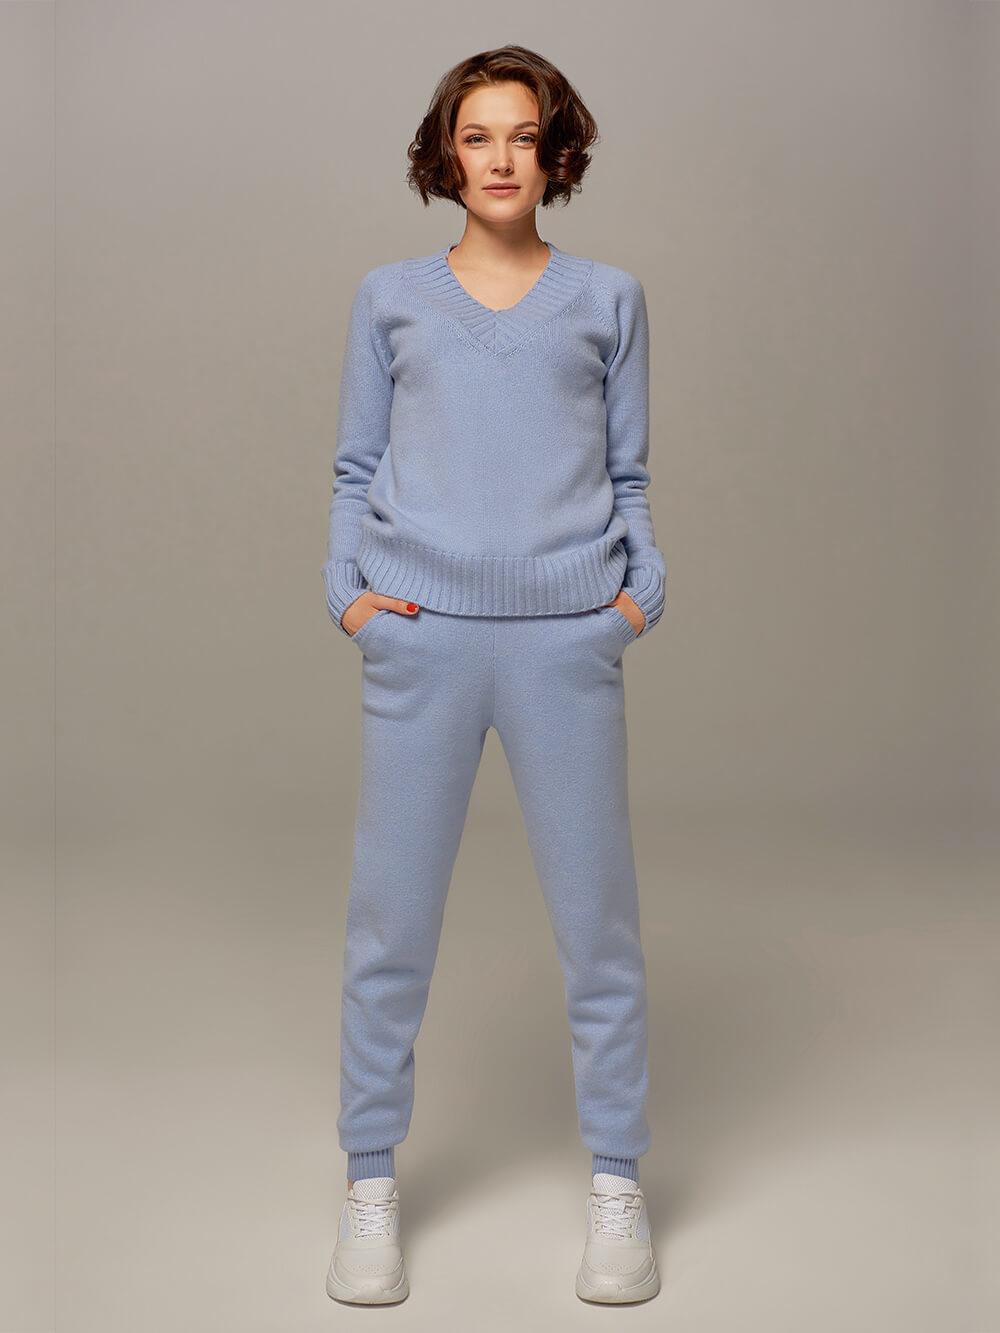 Женские брюки голубого цвета из шерсти и кашемира